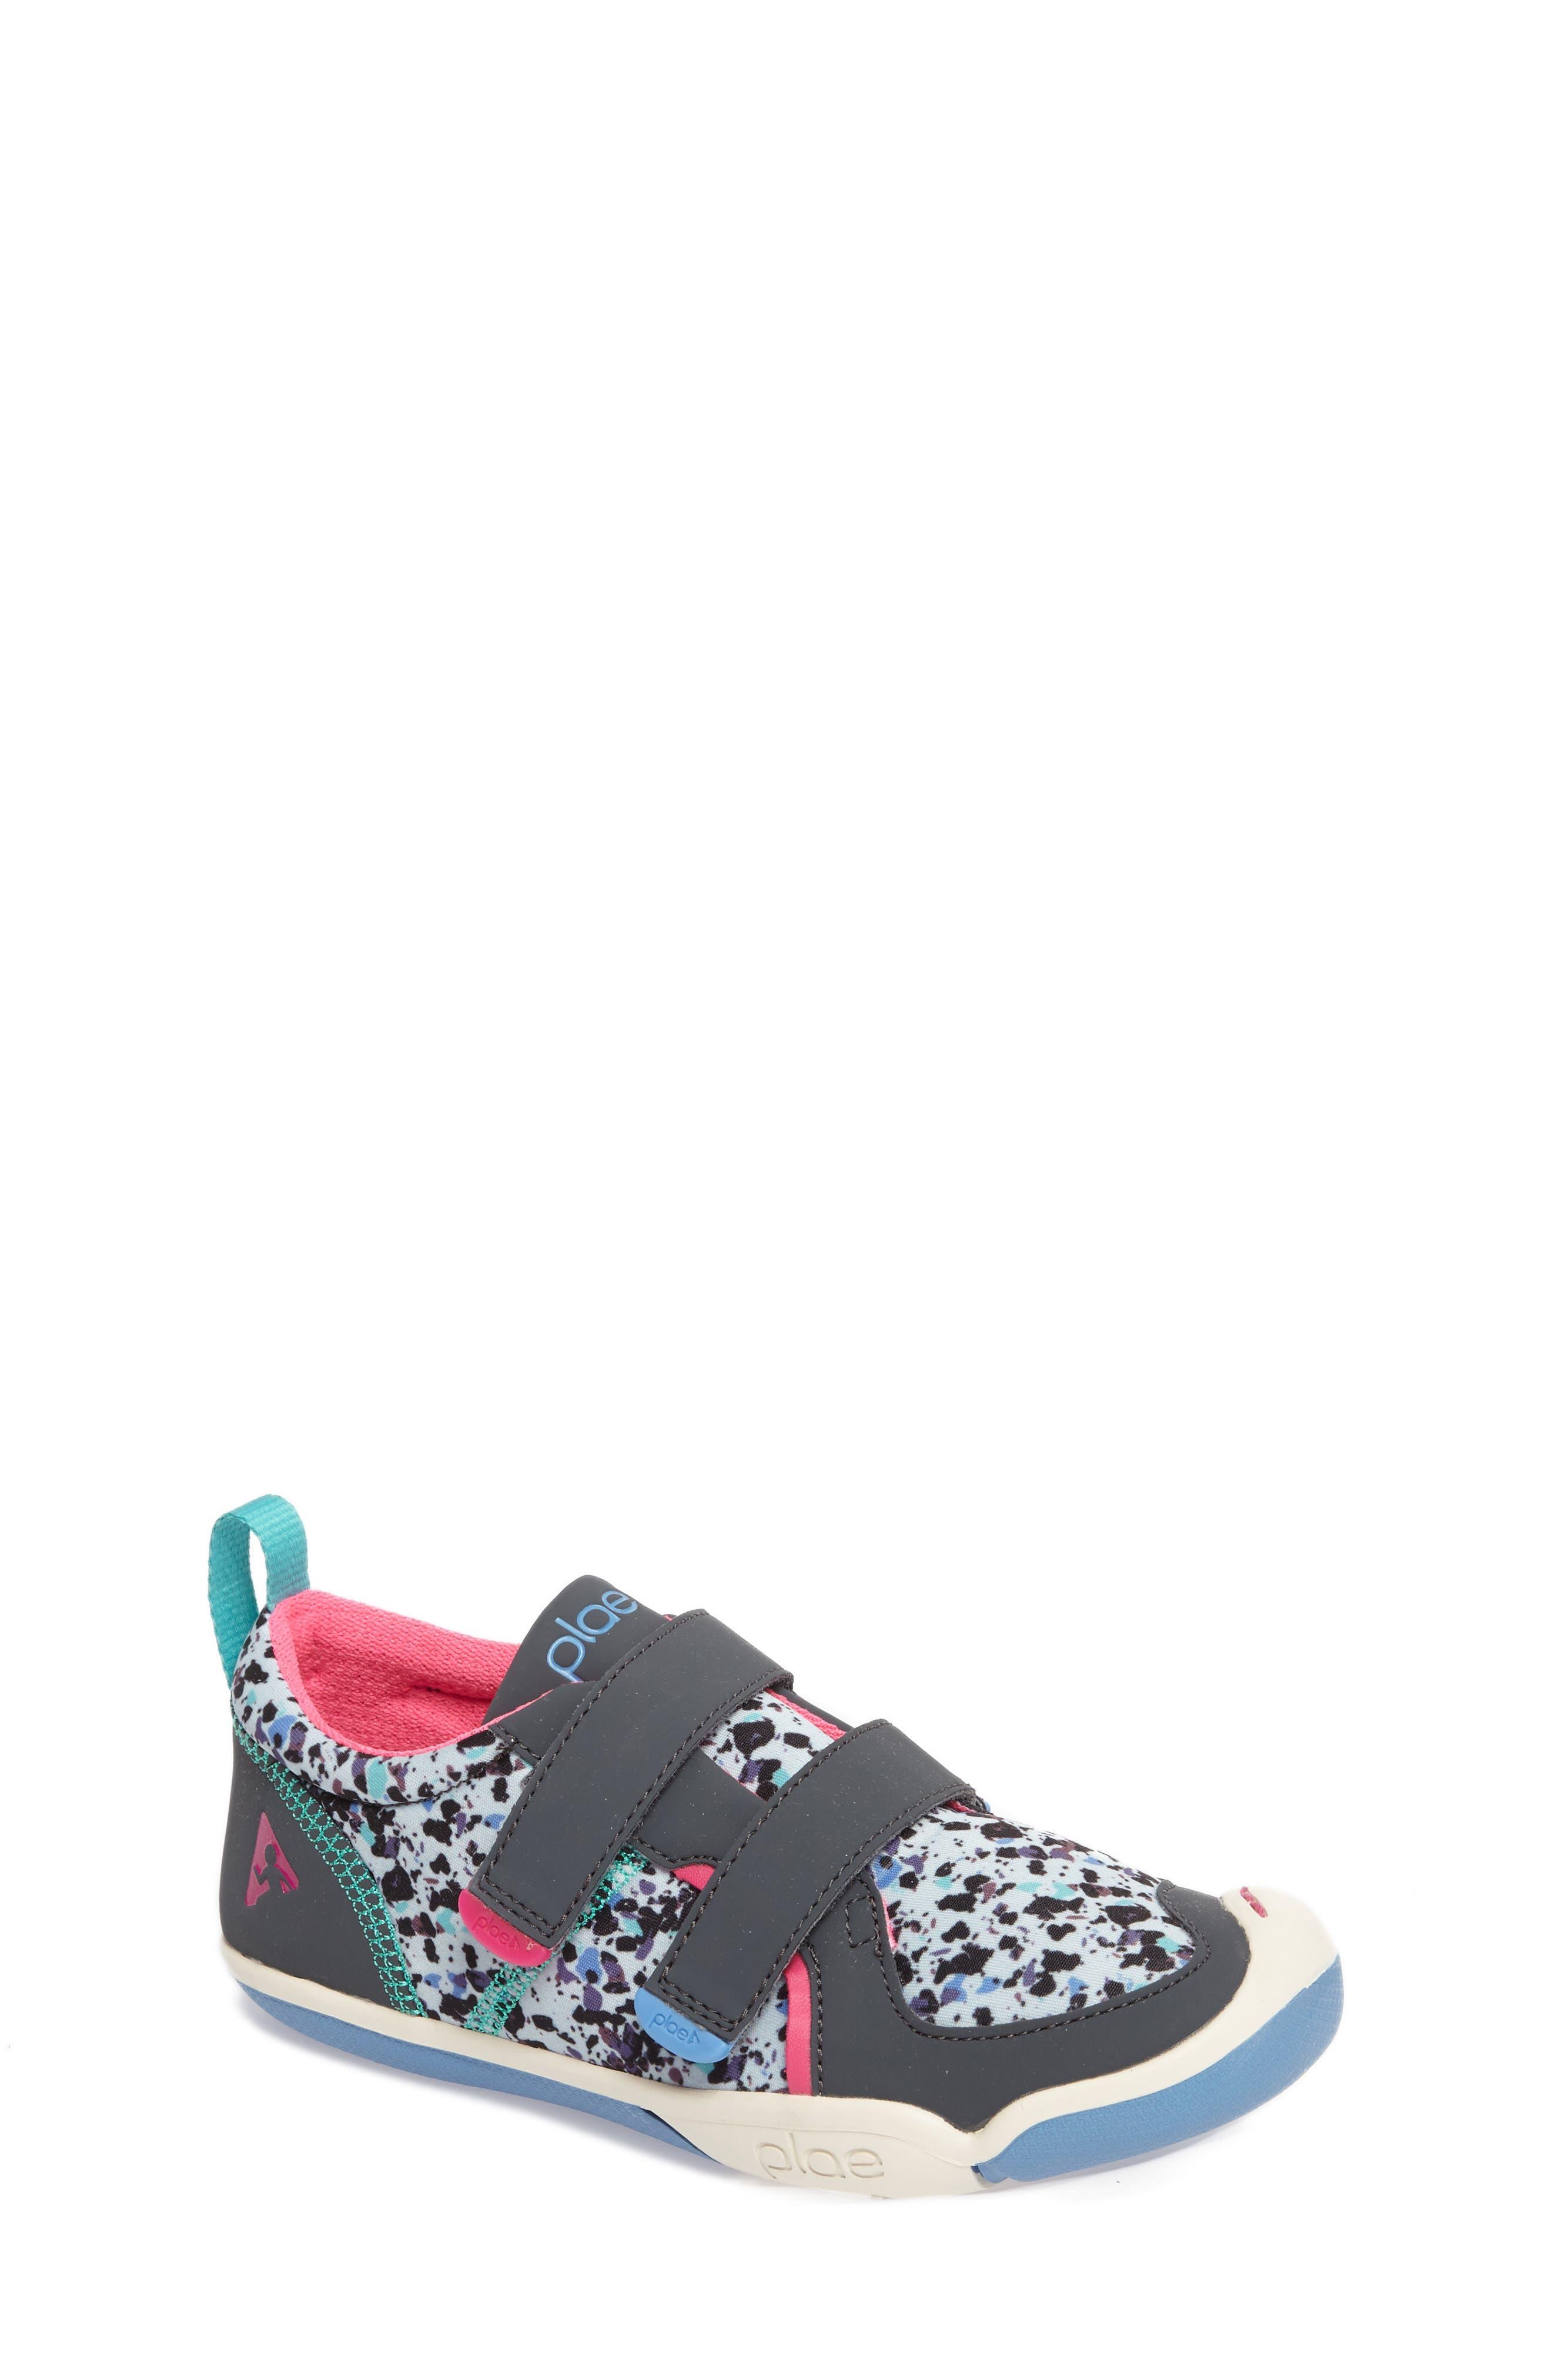 Alternate Image 1 Selected - PLAE 'Ty' Customizable Sneaker (Walker, Toddler & Little Kid)